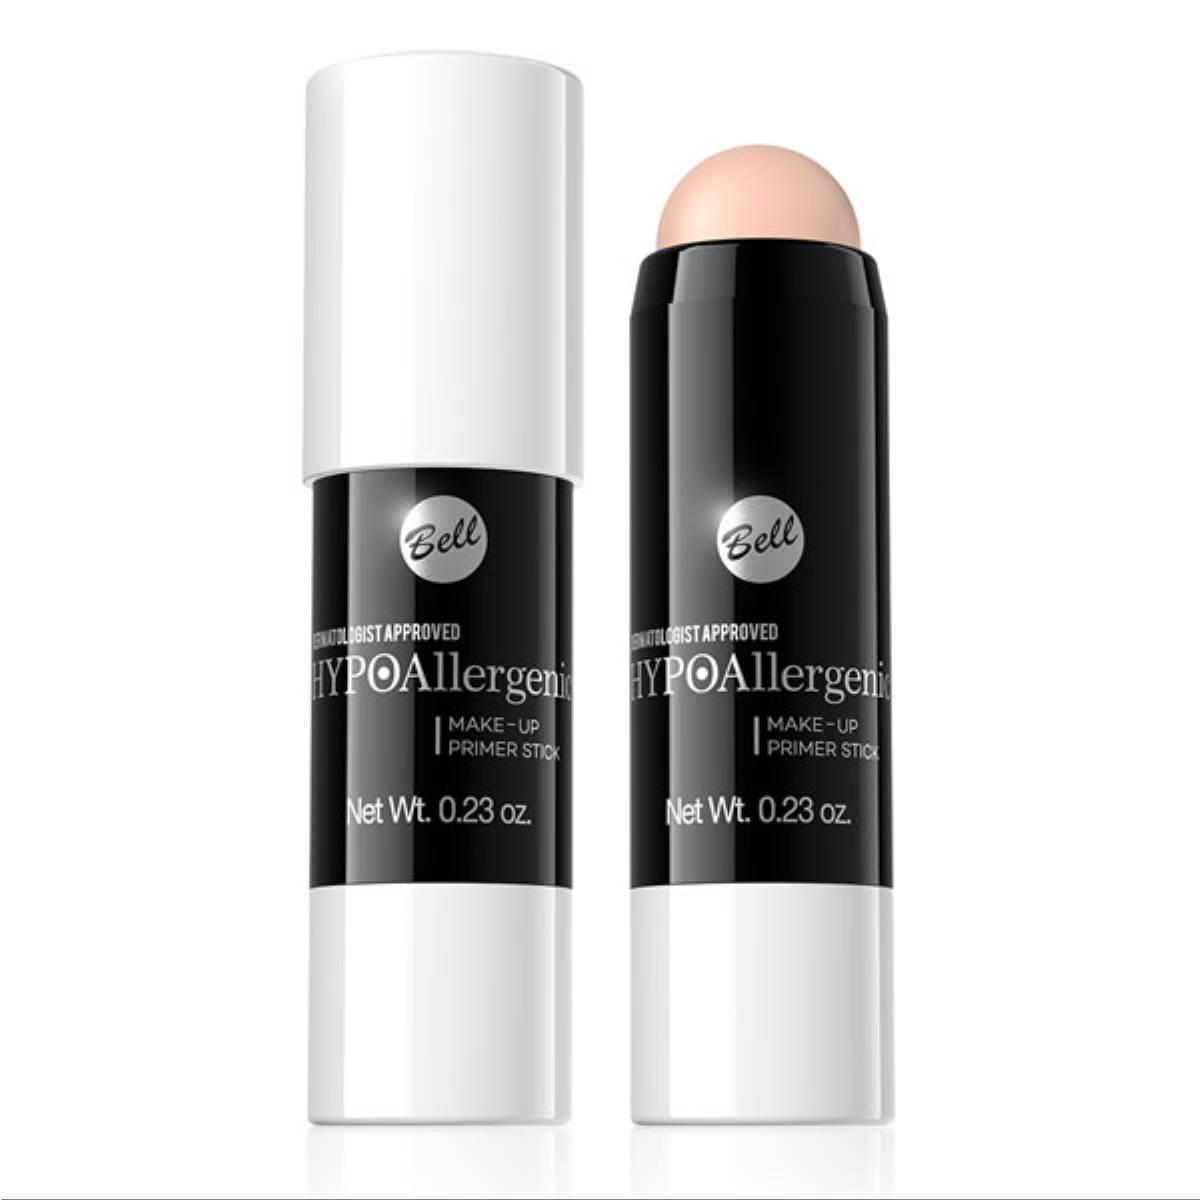 hypoallergenic-make-up-prim.jpg